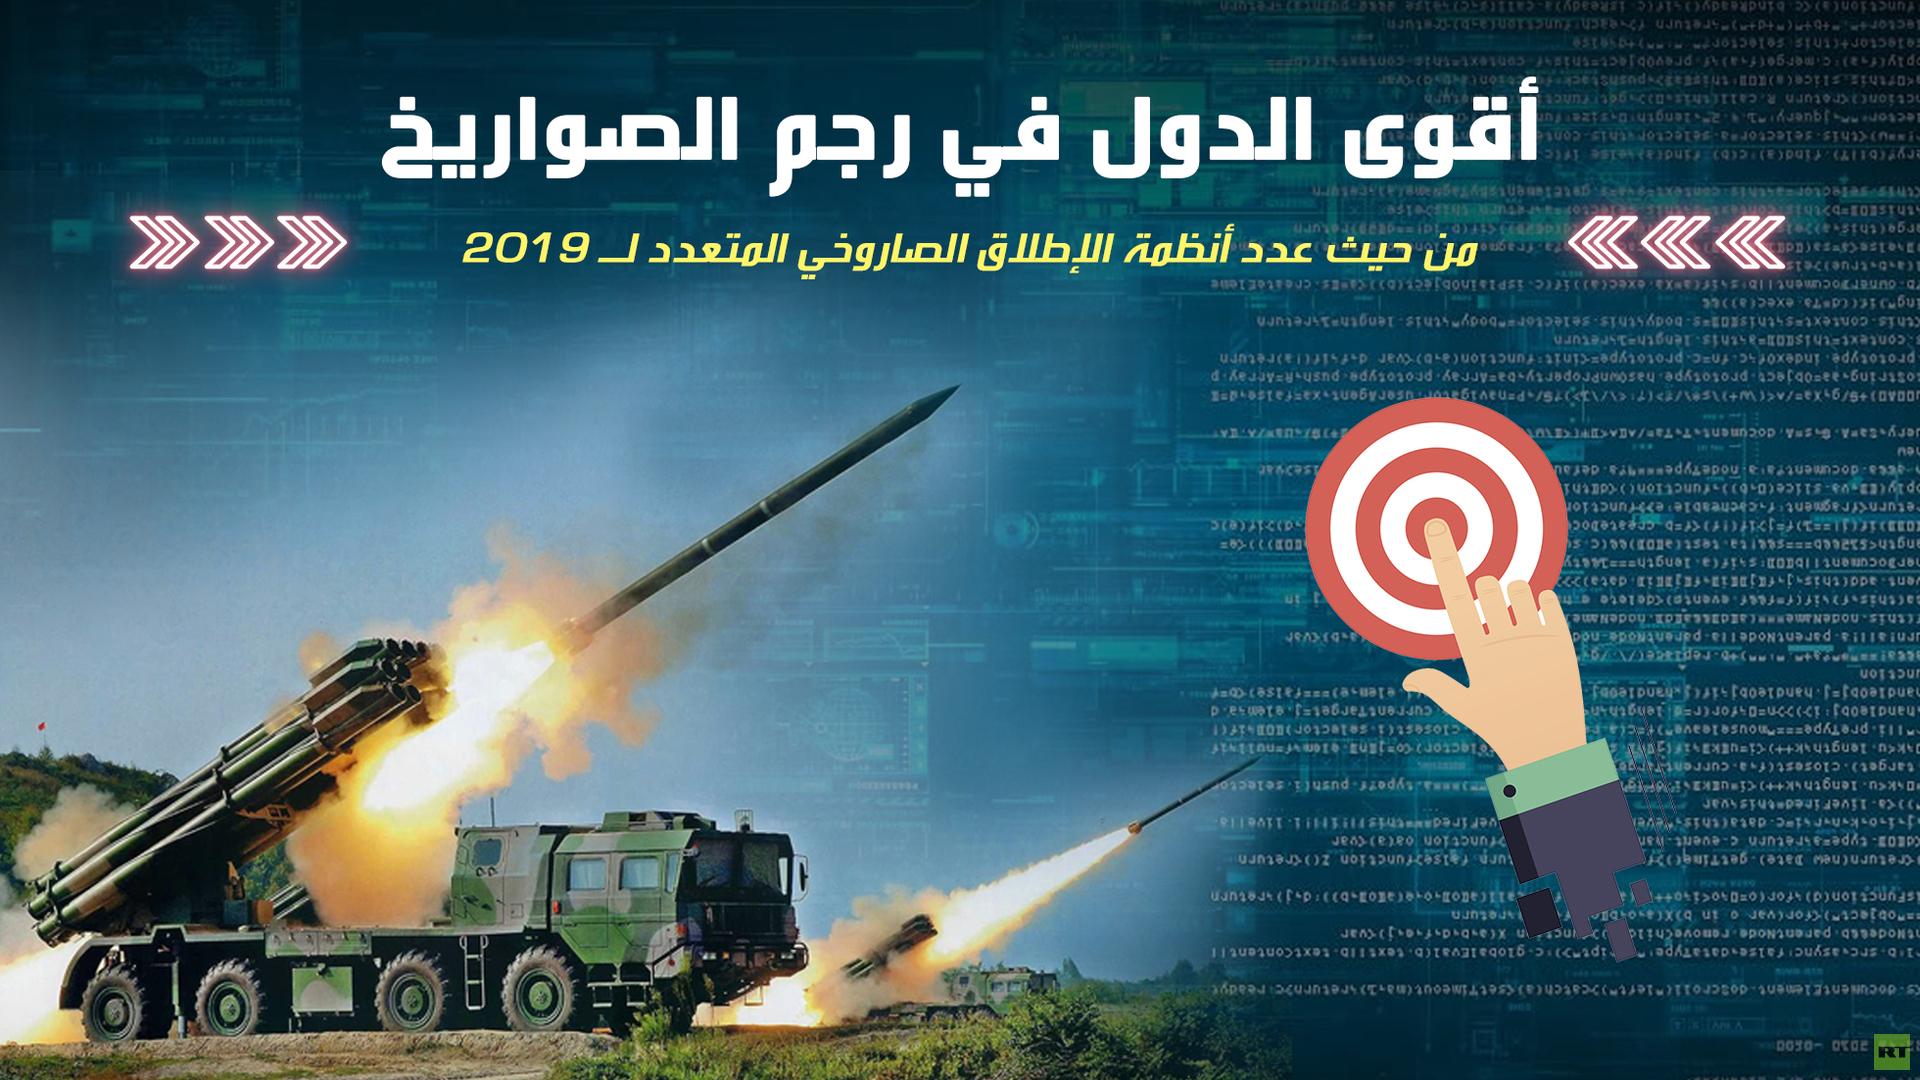 أقوى الدول في رجم الصواريخ 2019